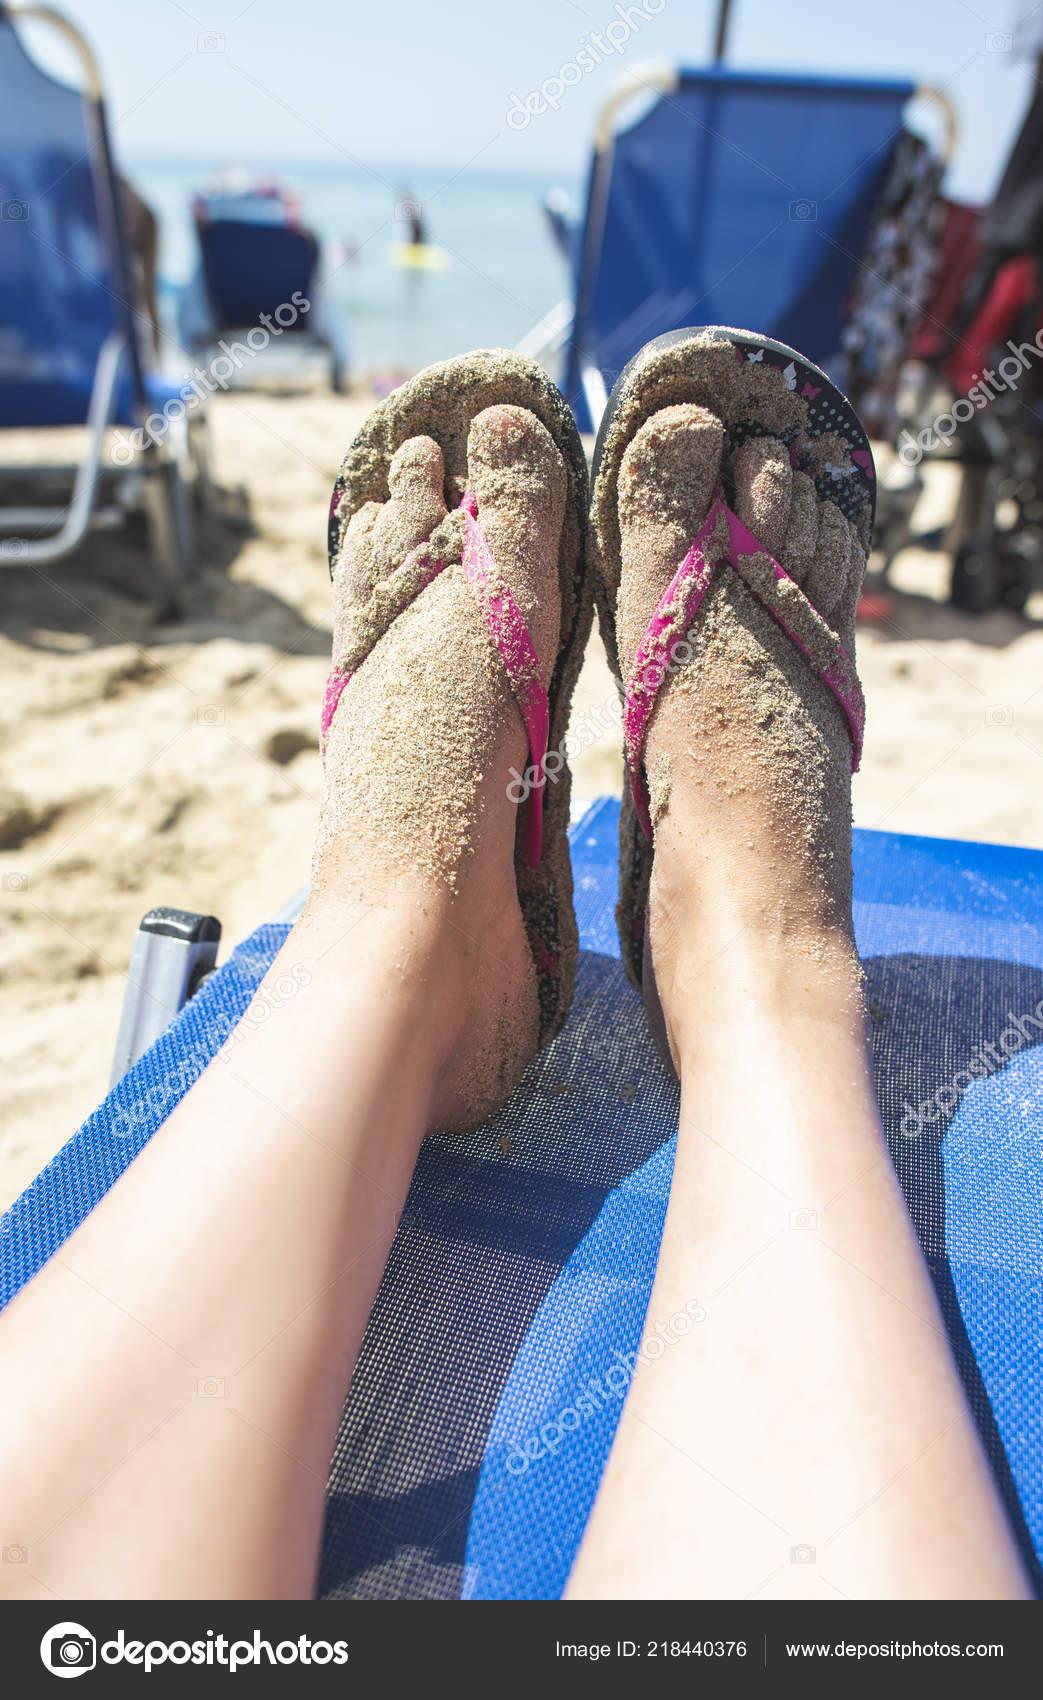 2a926fb41cb25 Depositphotos stock photo woman feet flip flops beach jpg 1043x1700 Beach  feet flip flops